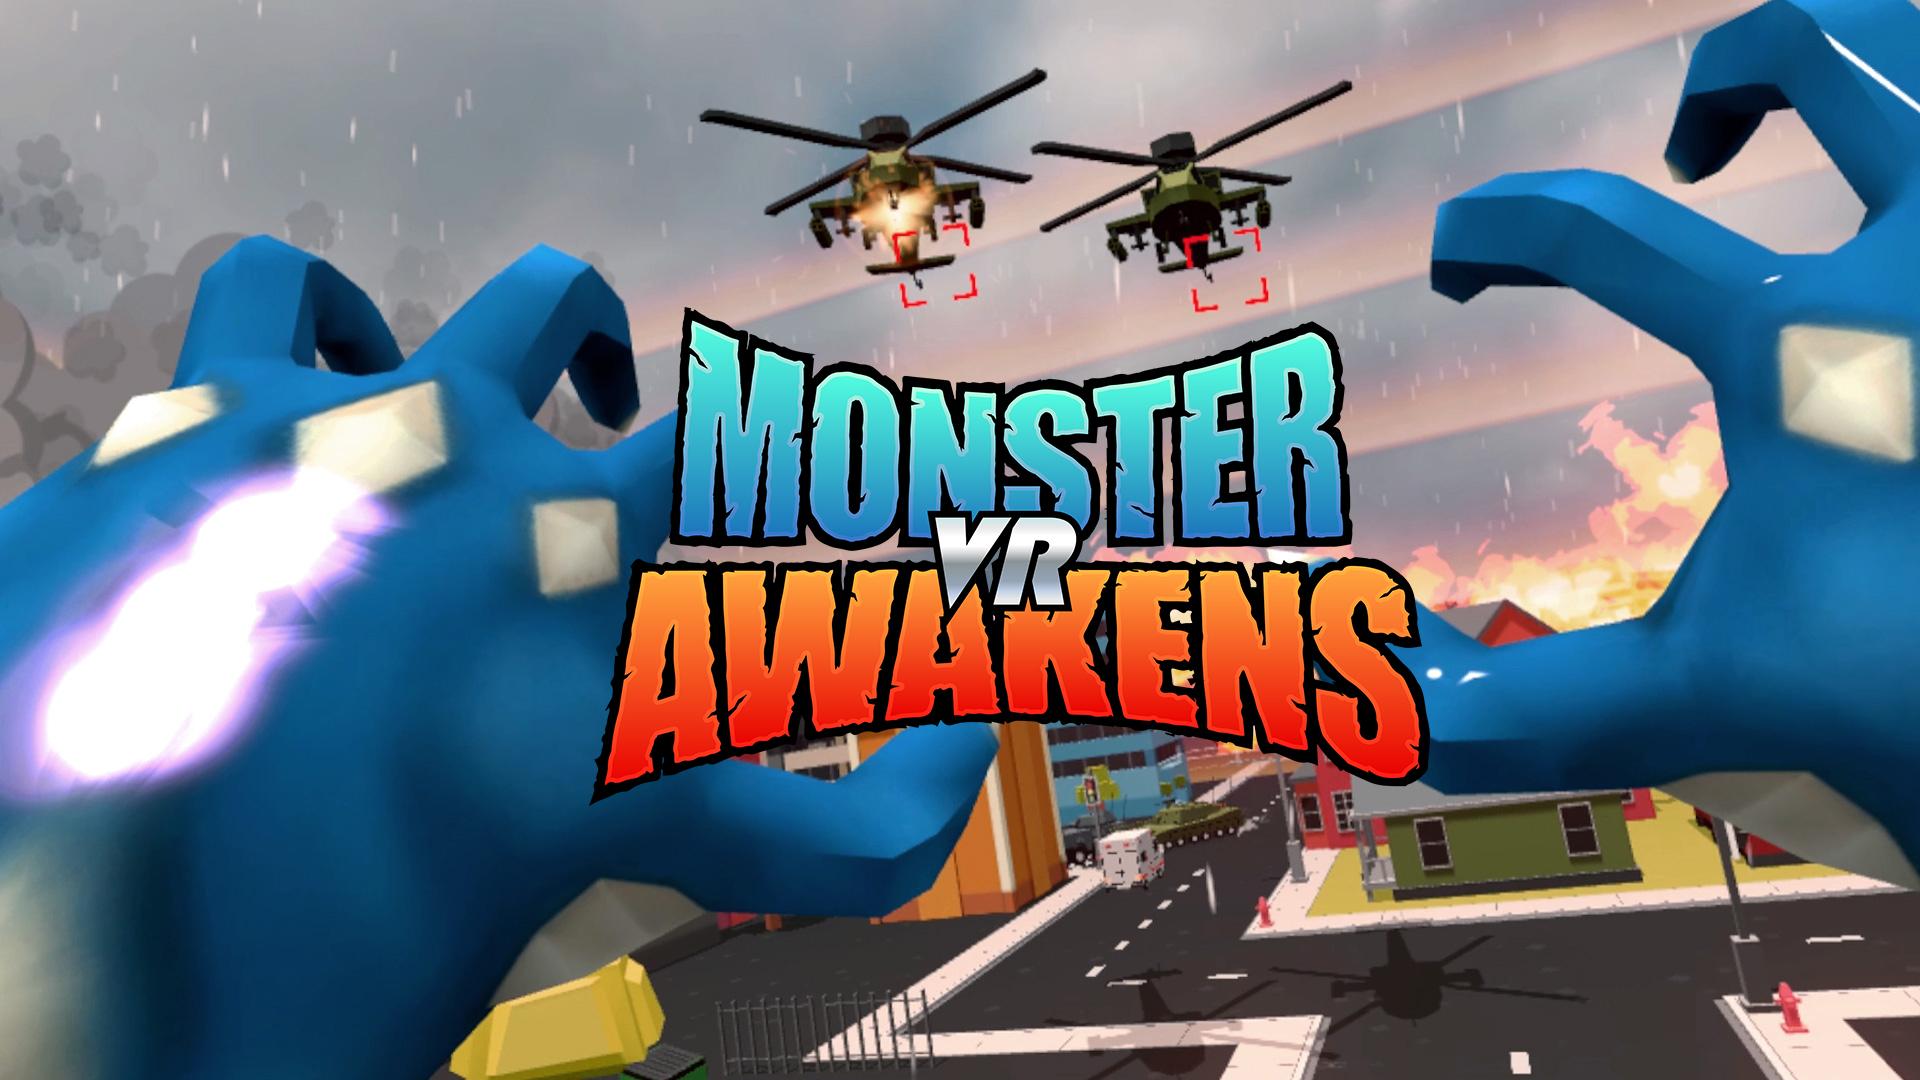 VR_Monster_Awakens_CapaYoutube